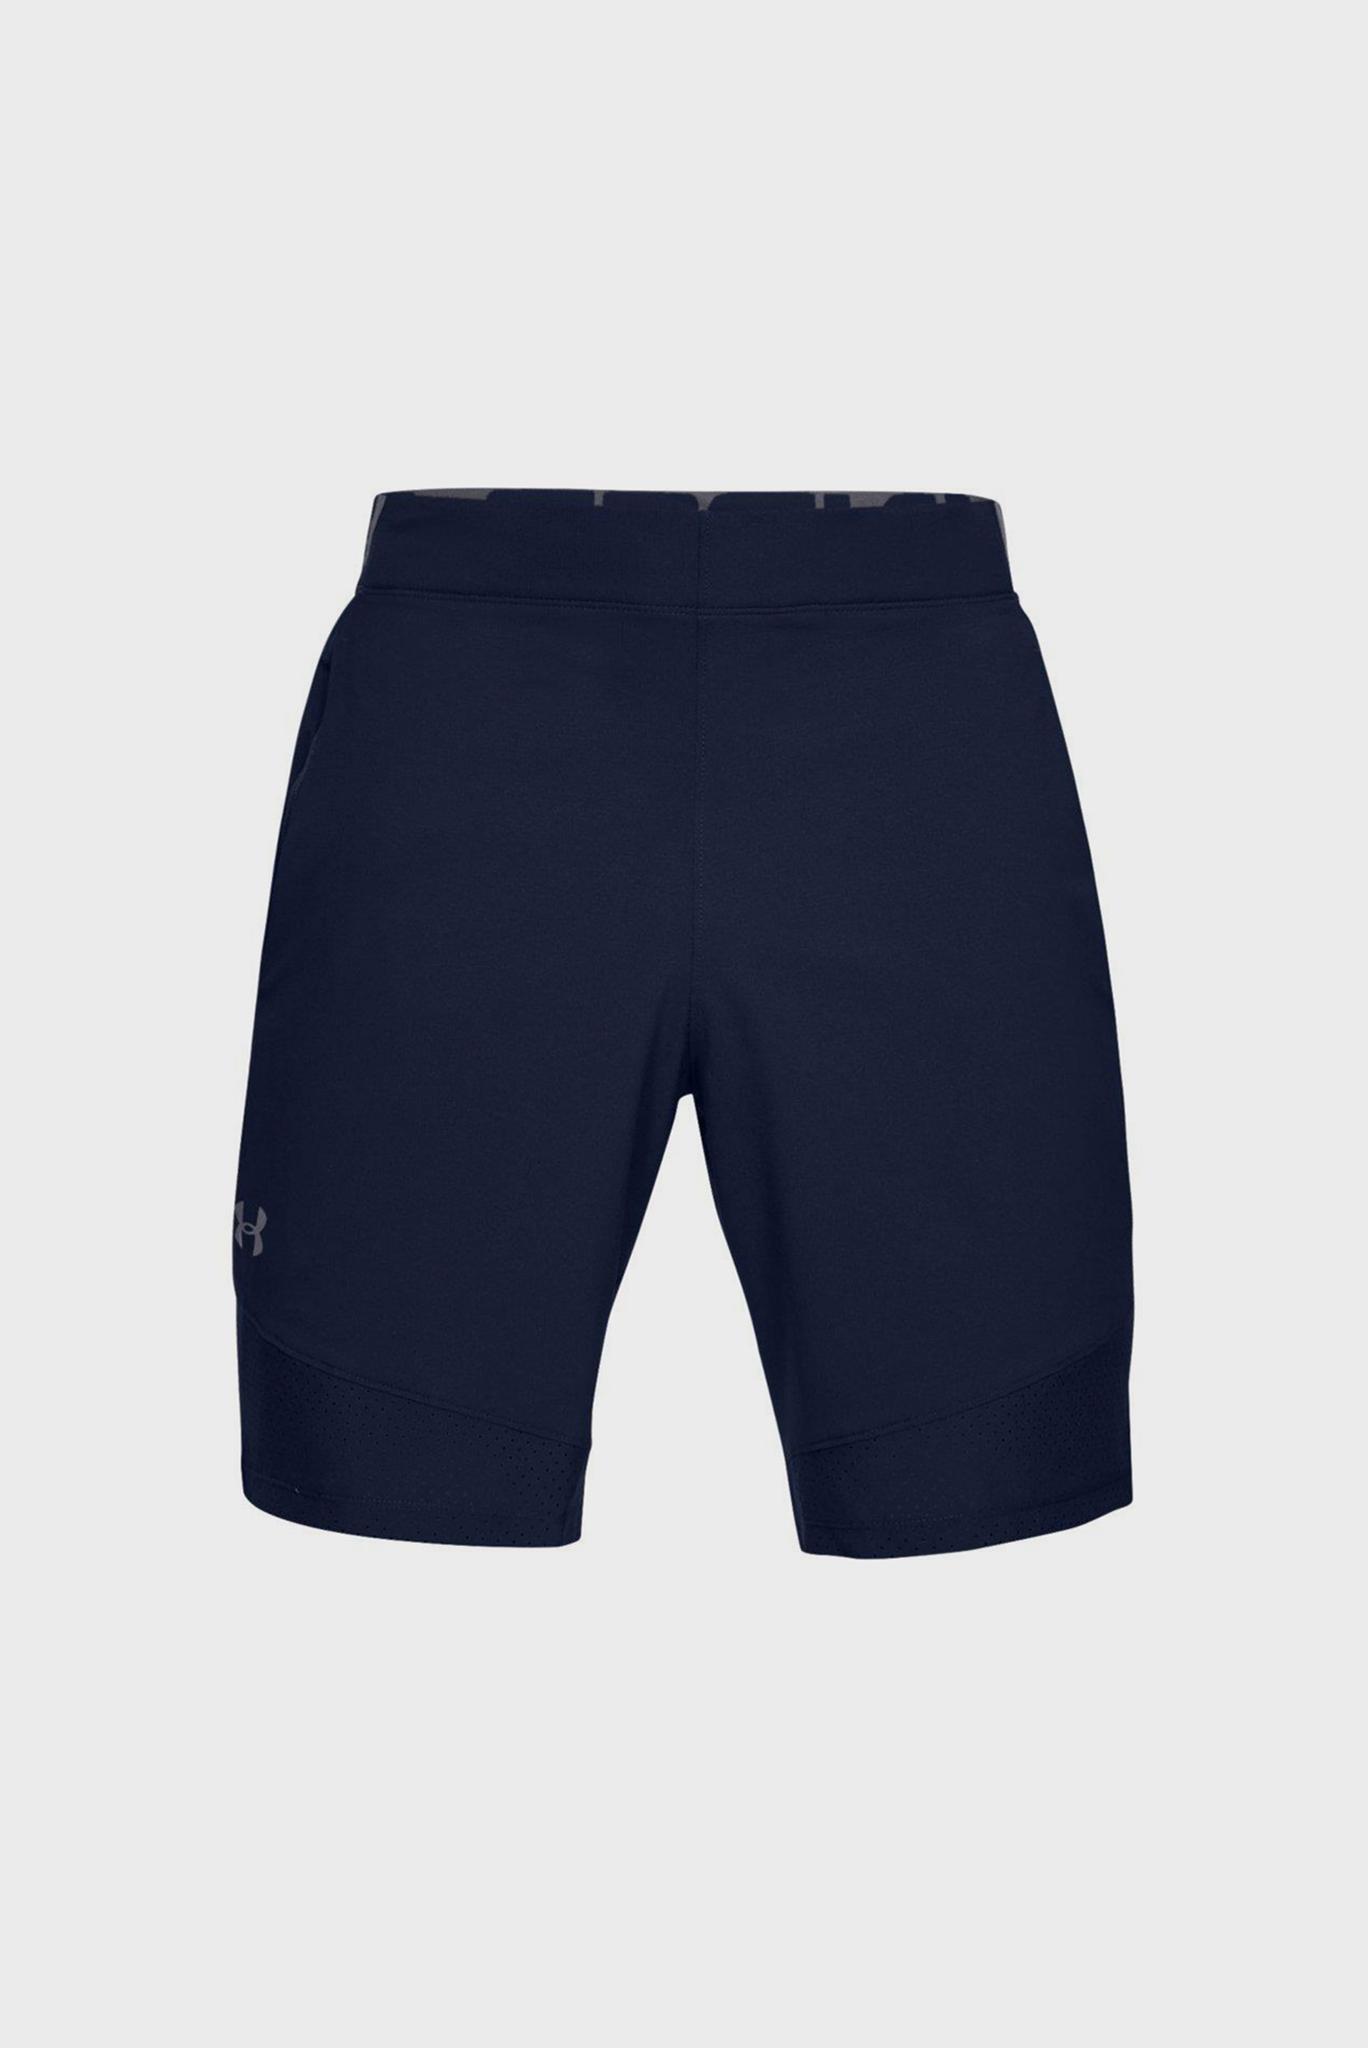 Мужские синие  шорты Vanish Woven Short Under Armour